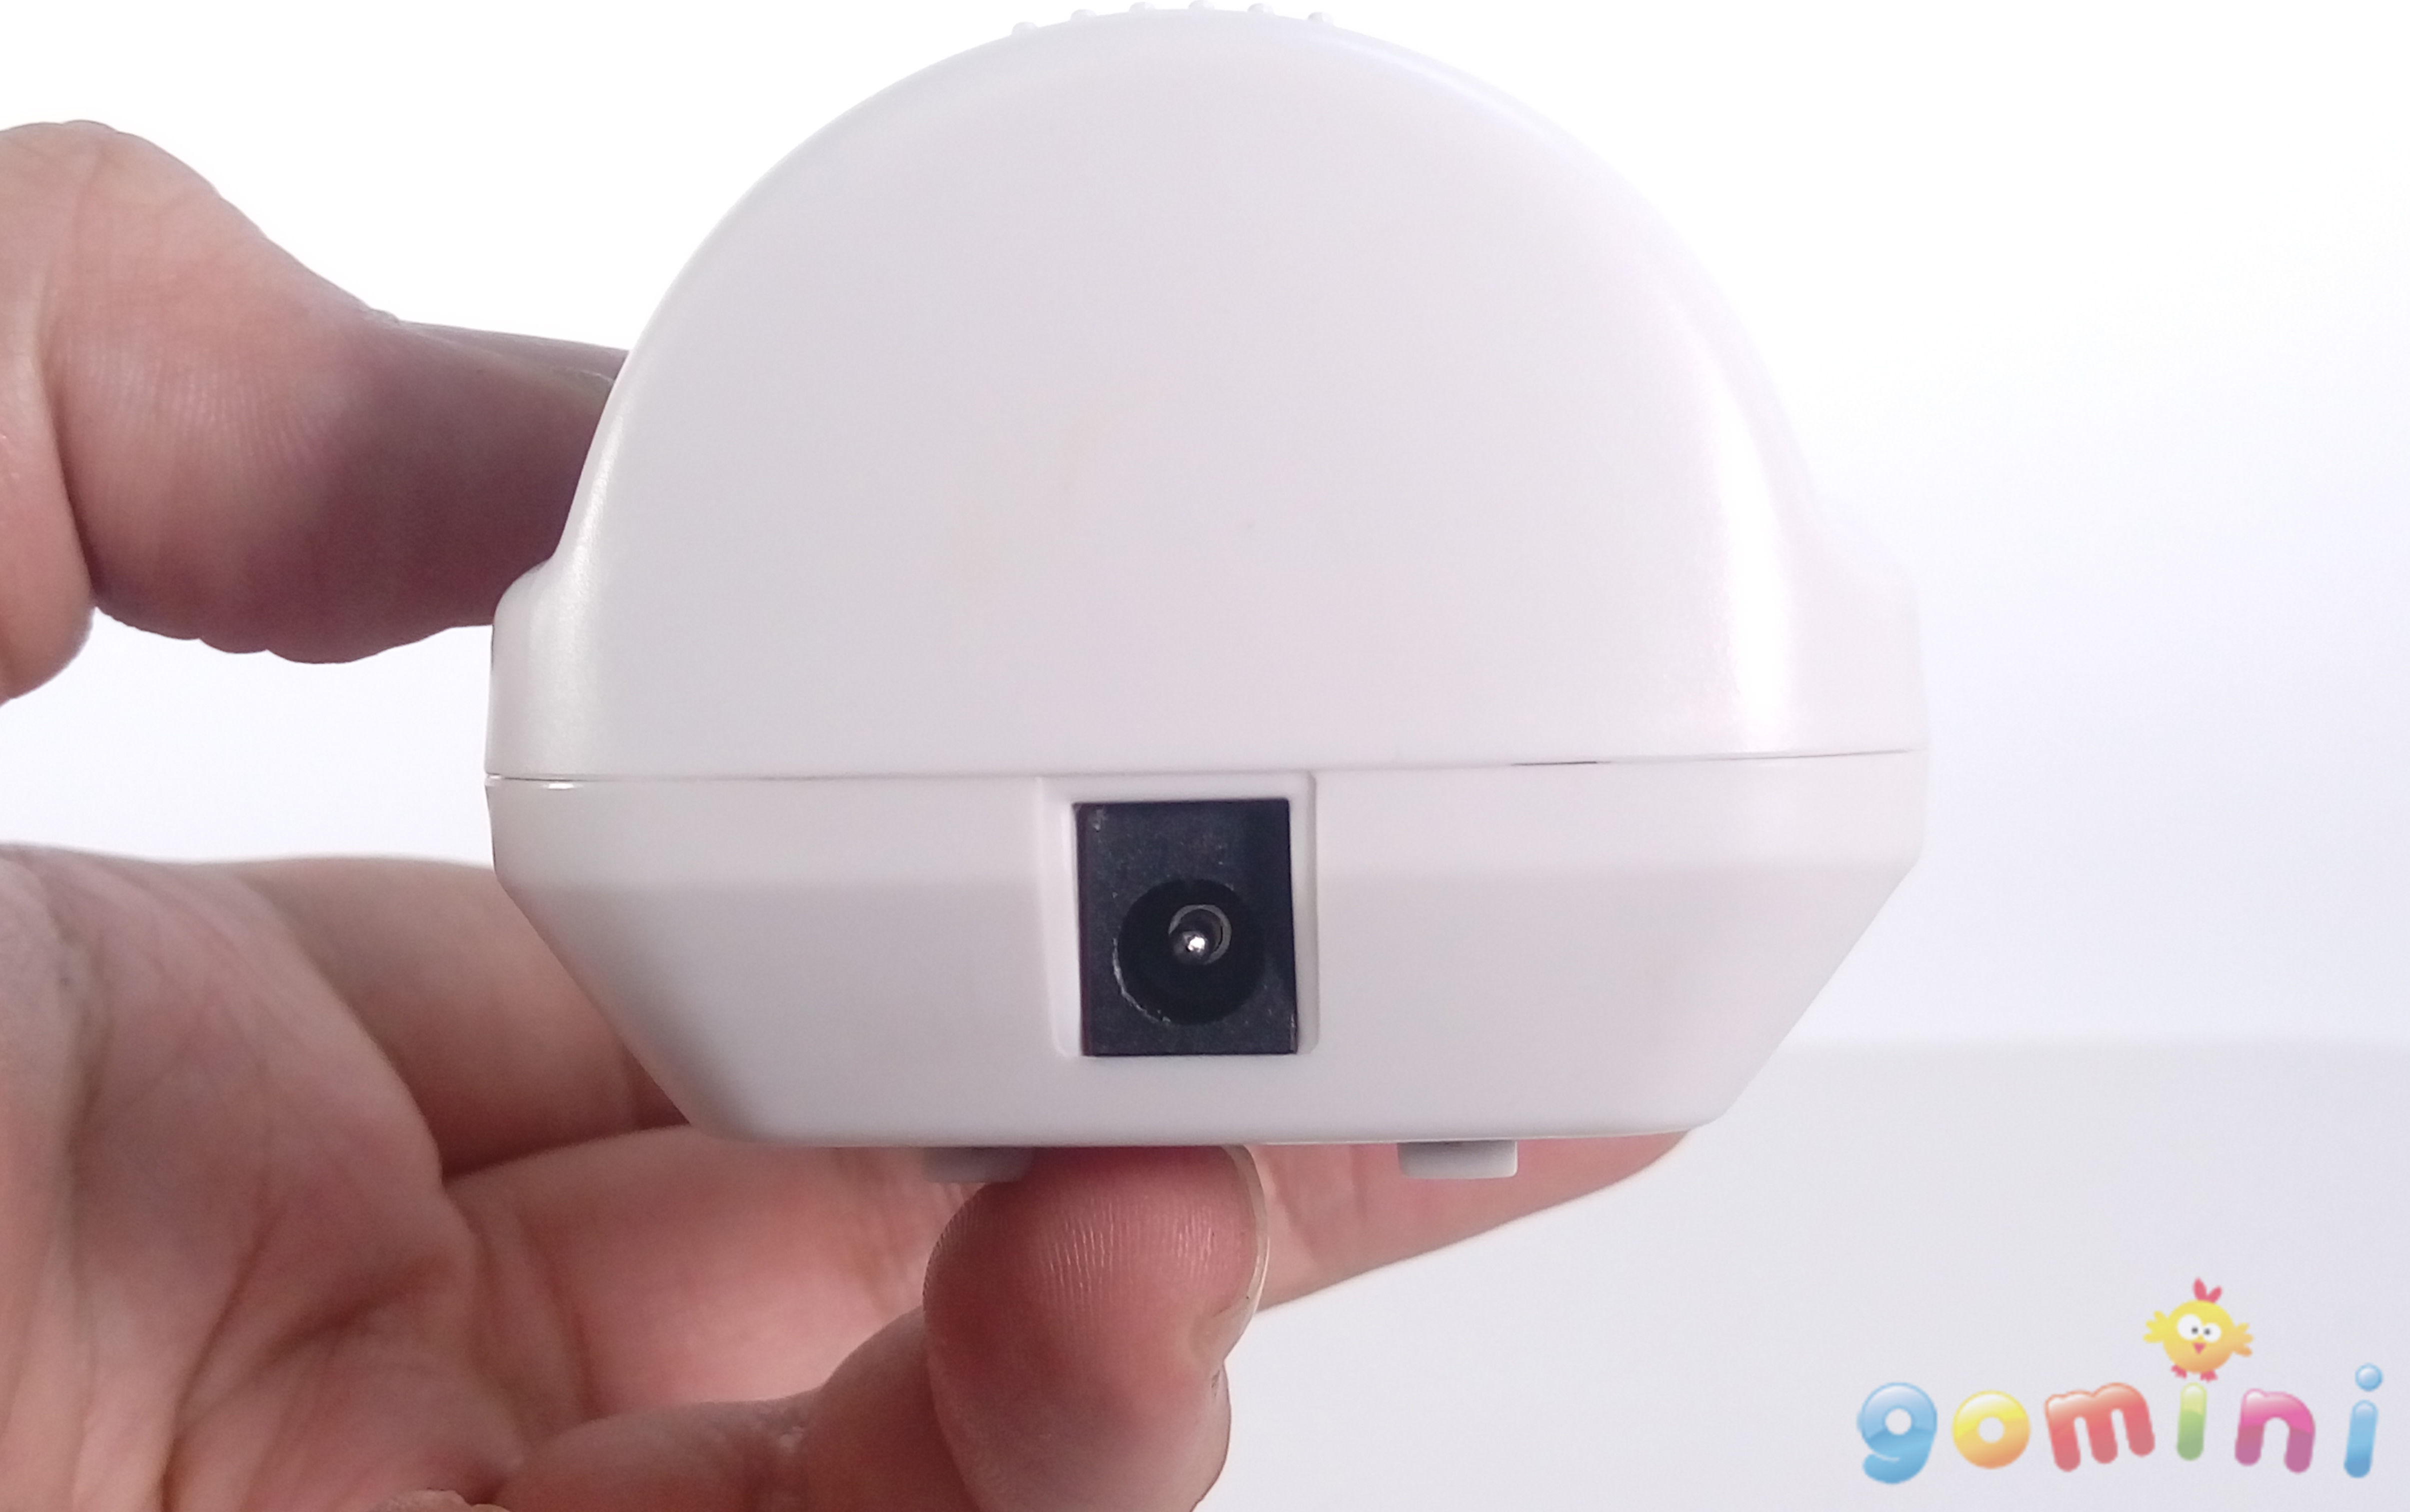 手握移動偵測器(下方).jpg